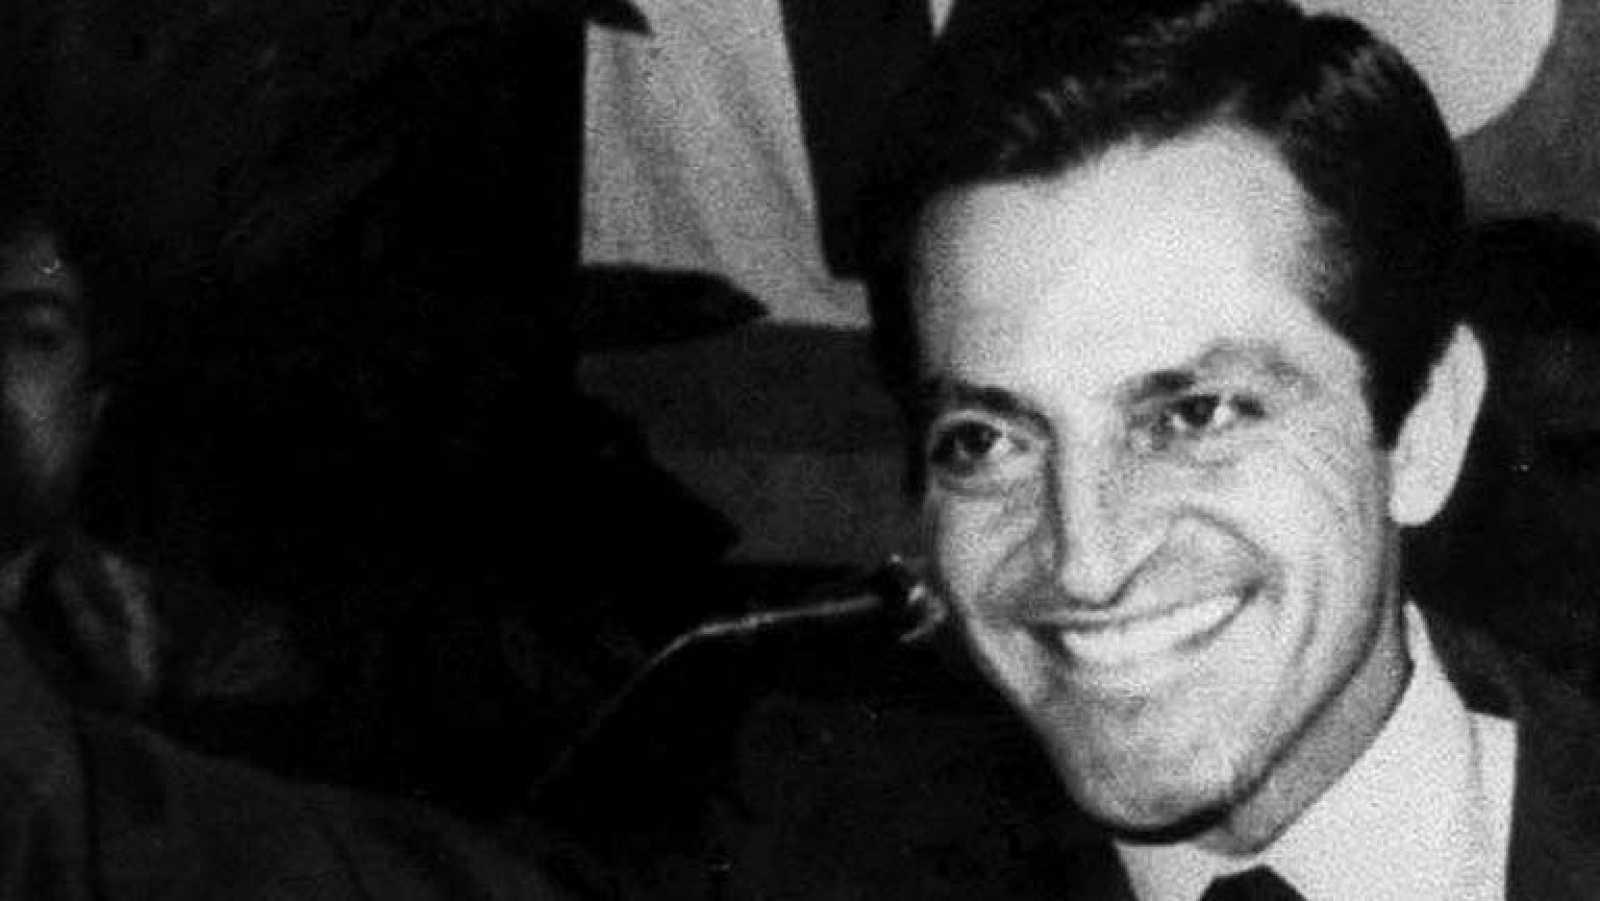 Los discursos televisados de Adolfo Suárez, aún en blanco y negro, paralizaban el país